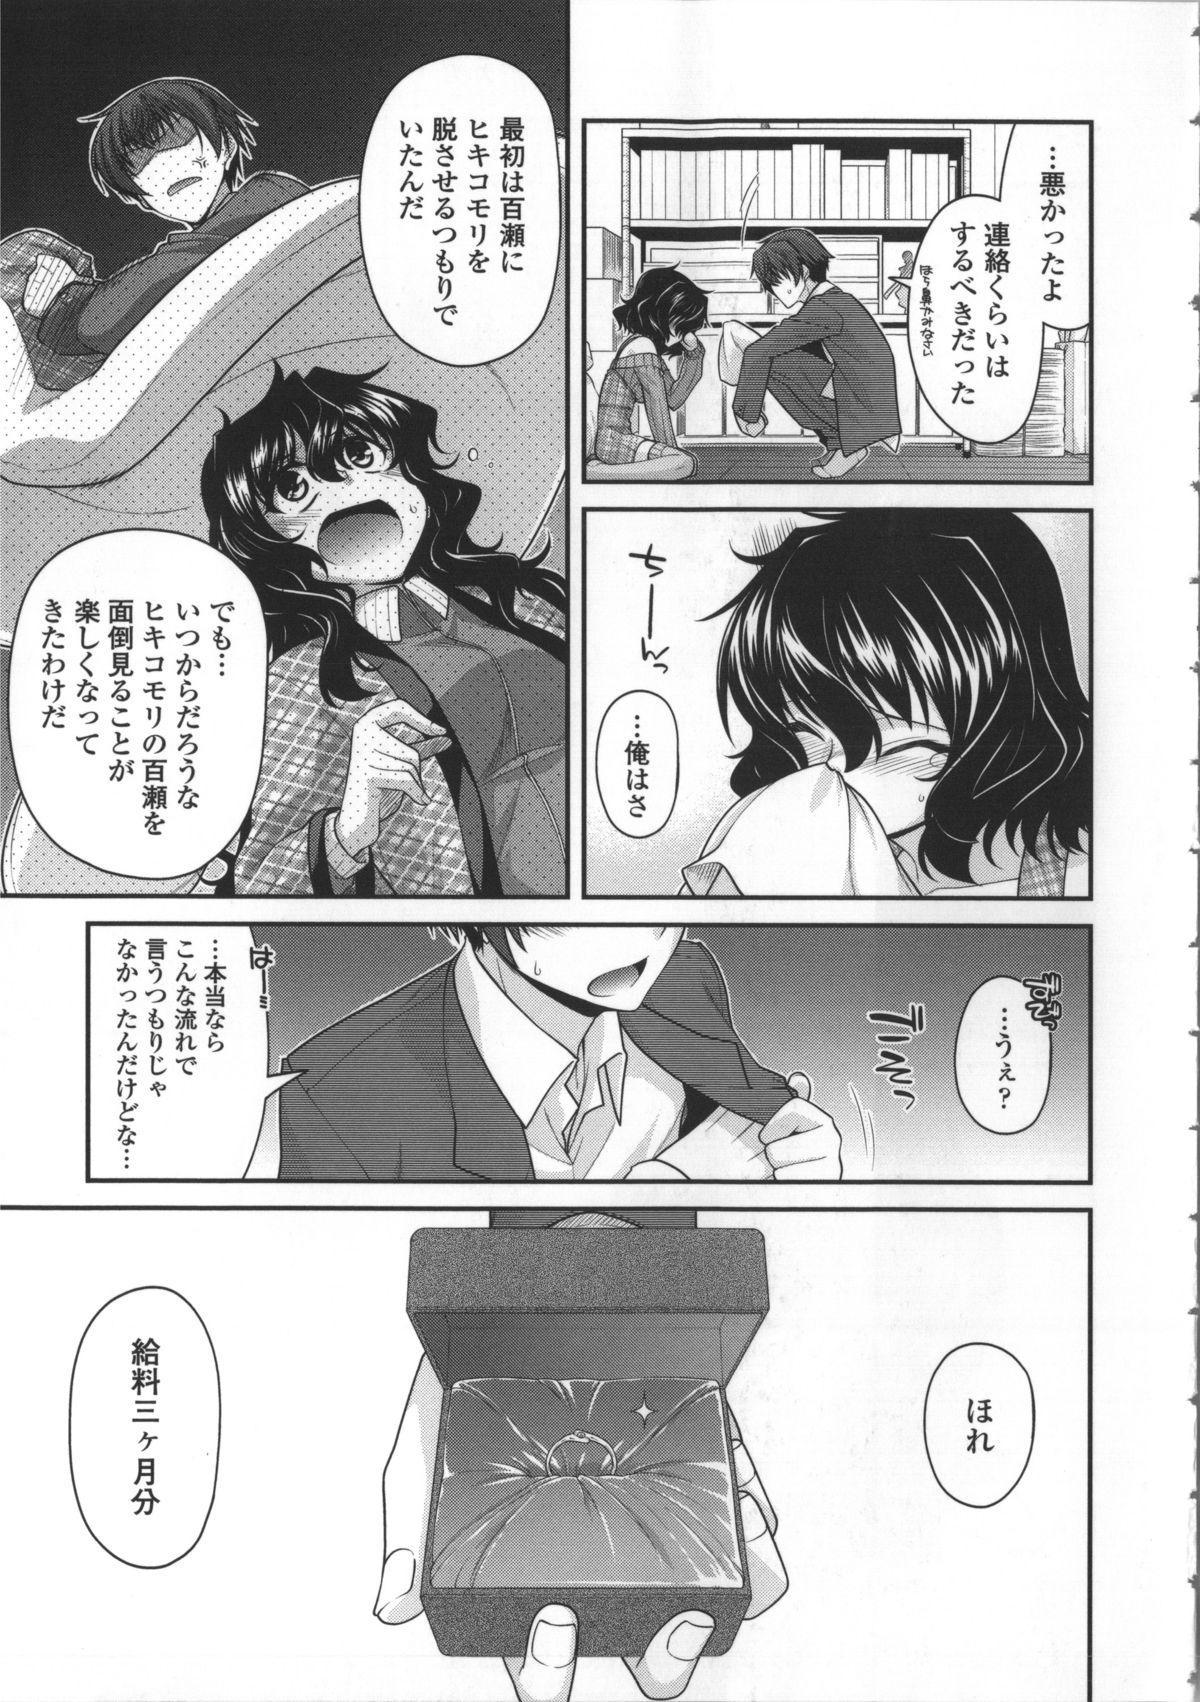 Yamato Nadeshiko Breast Changes 152